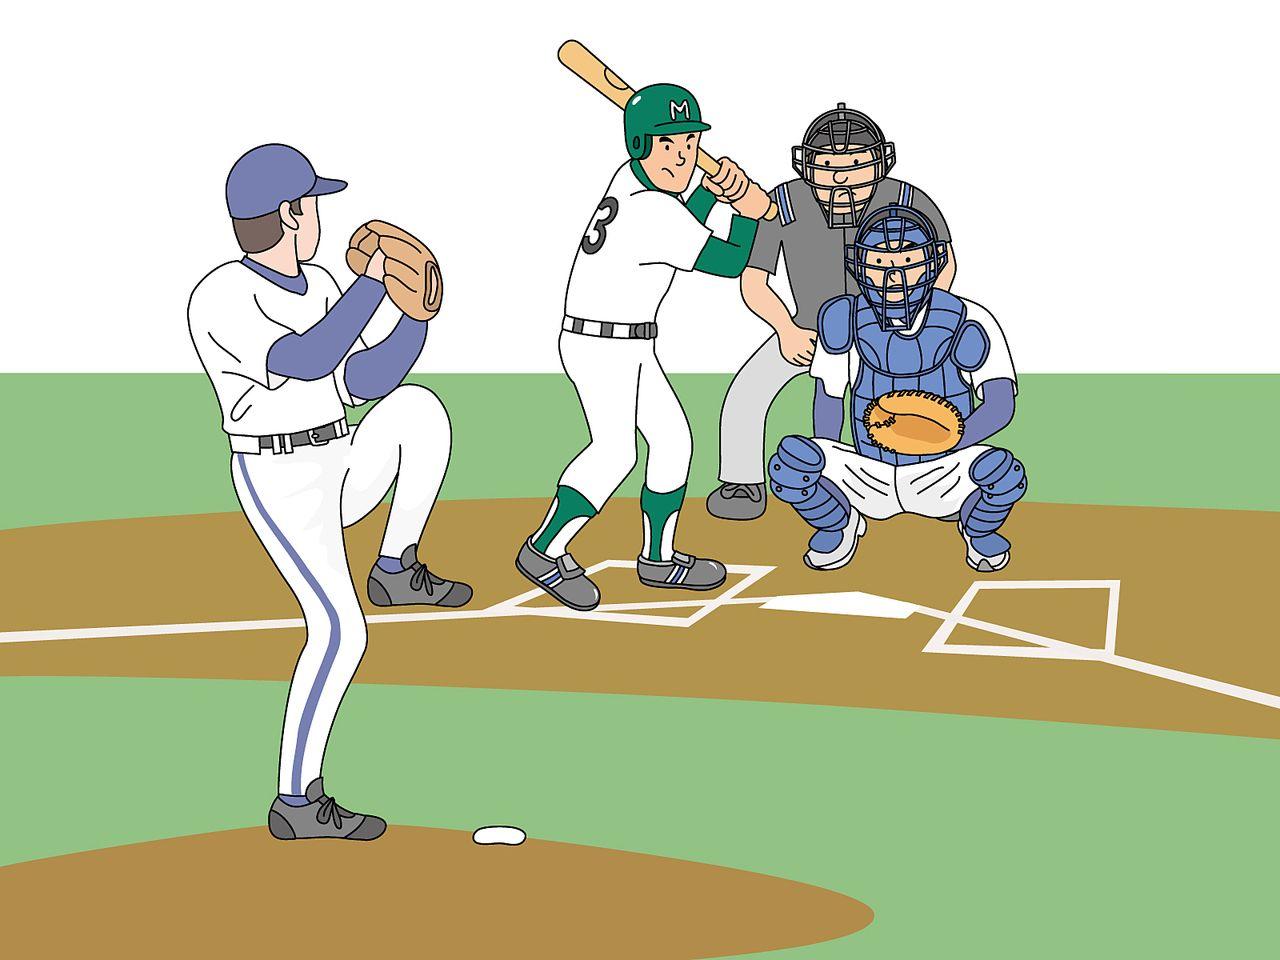 辛口コメンテーターのプロ野球解説者として、さらには、YouTubeでは「SatozakiChannel」がいまや登録者数40万人越えと、いまや飛ぶ鳥を落とす勢いのある里崎智也さん。里崎智也さんって現役時代はどうだっ…